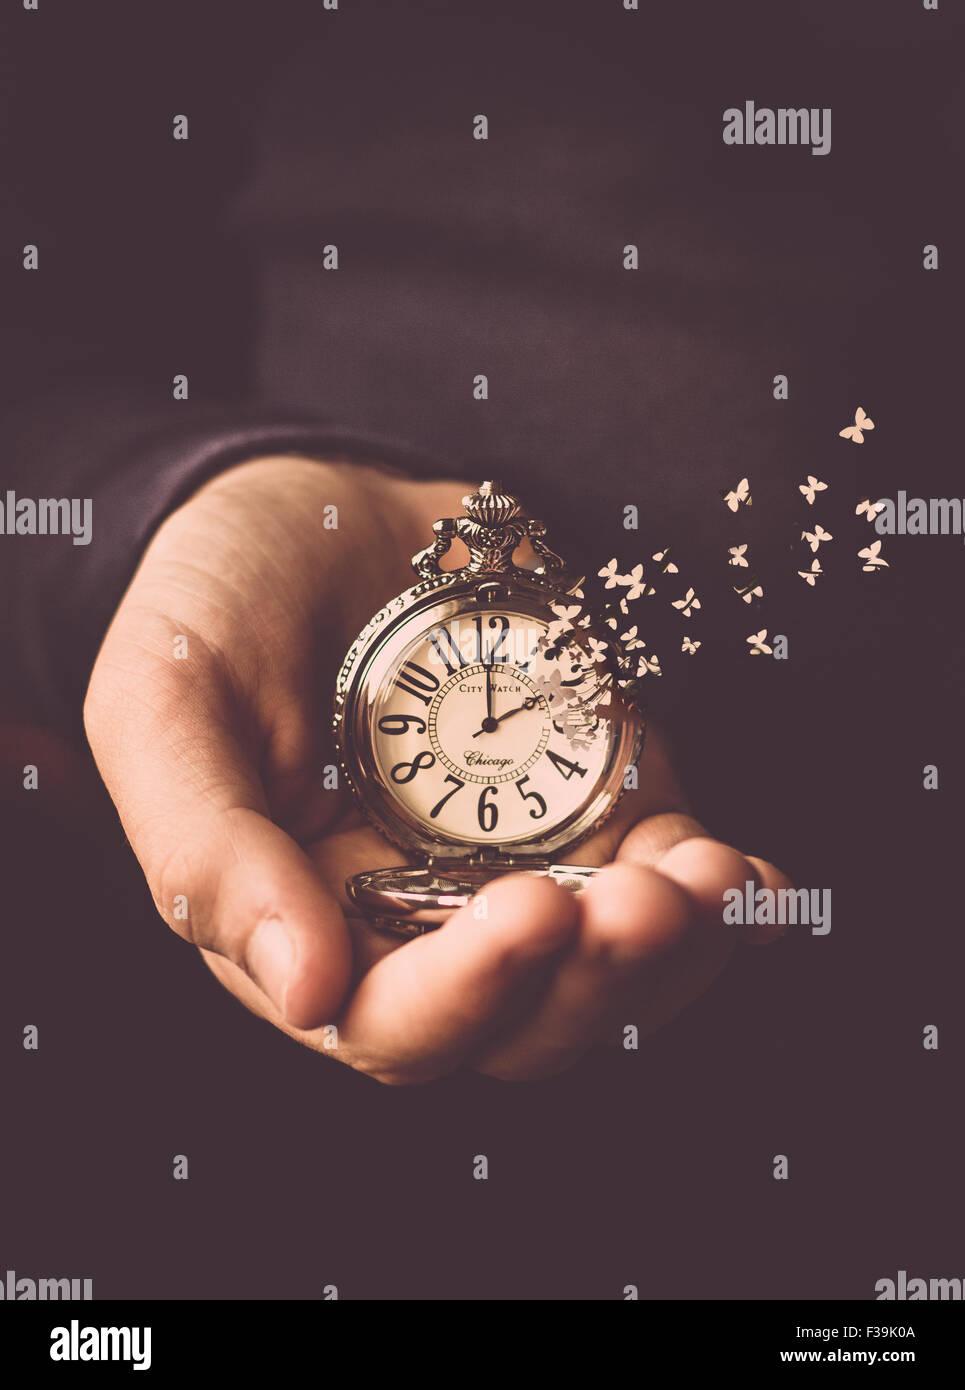 Mann, der eine Uhr mit der Zeit aus dem Zifferblatt wie Schmetterlinge fliegen in seiner Hand hältStockfoto